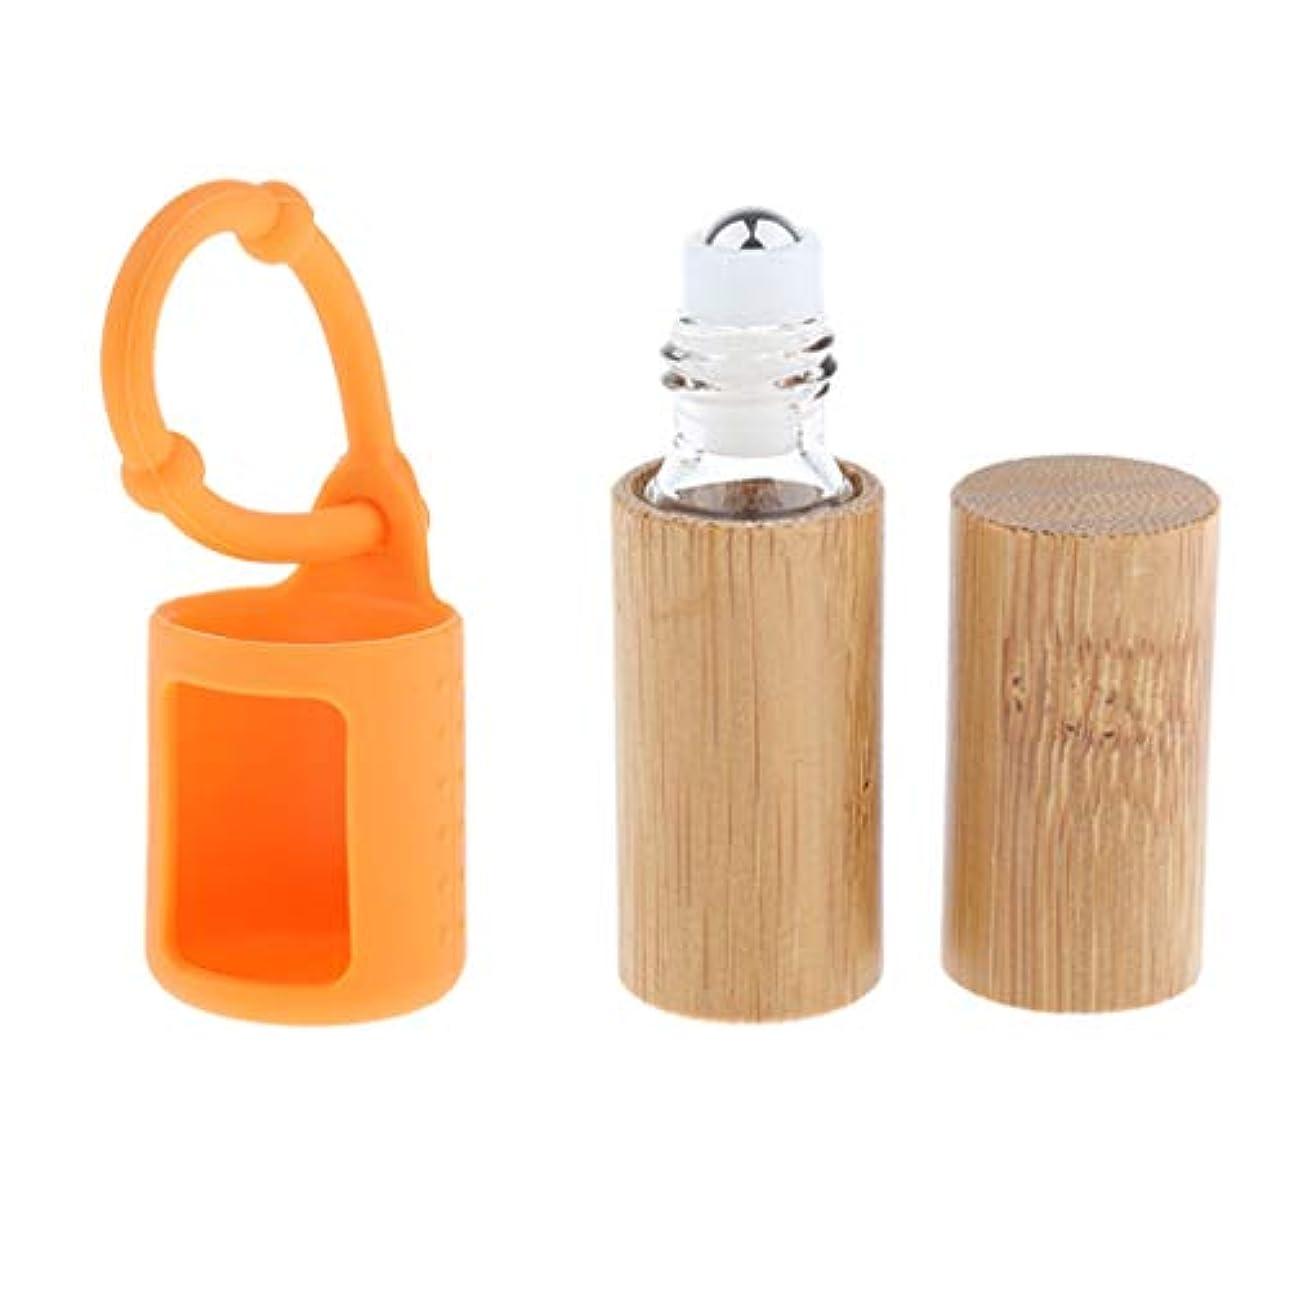 誇張するく地殻D DOLITY 竹ボトル エッセンシャルオイル 香水 オイル 精油瓶 詰め替え 5ミリ 吊り掛けバッグ付